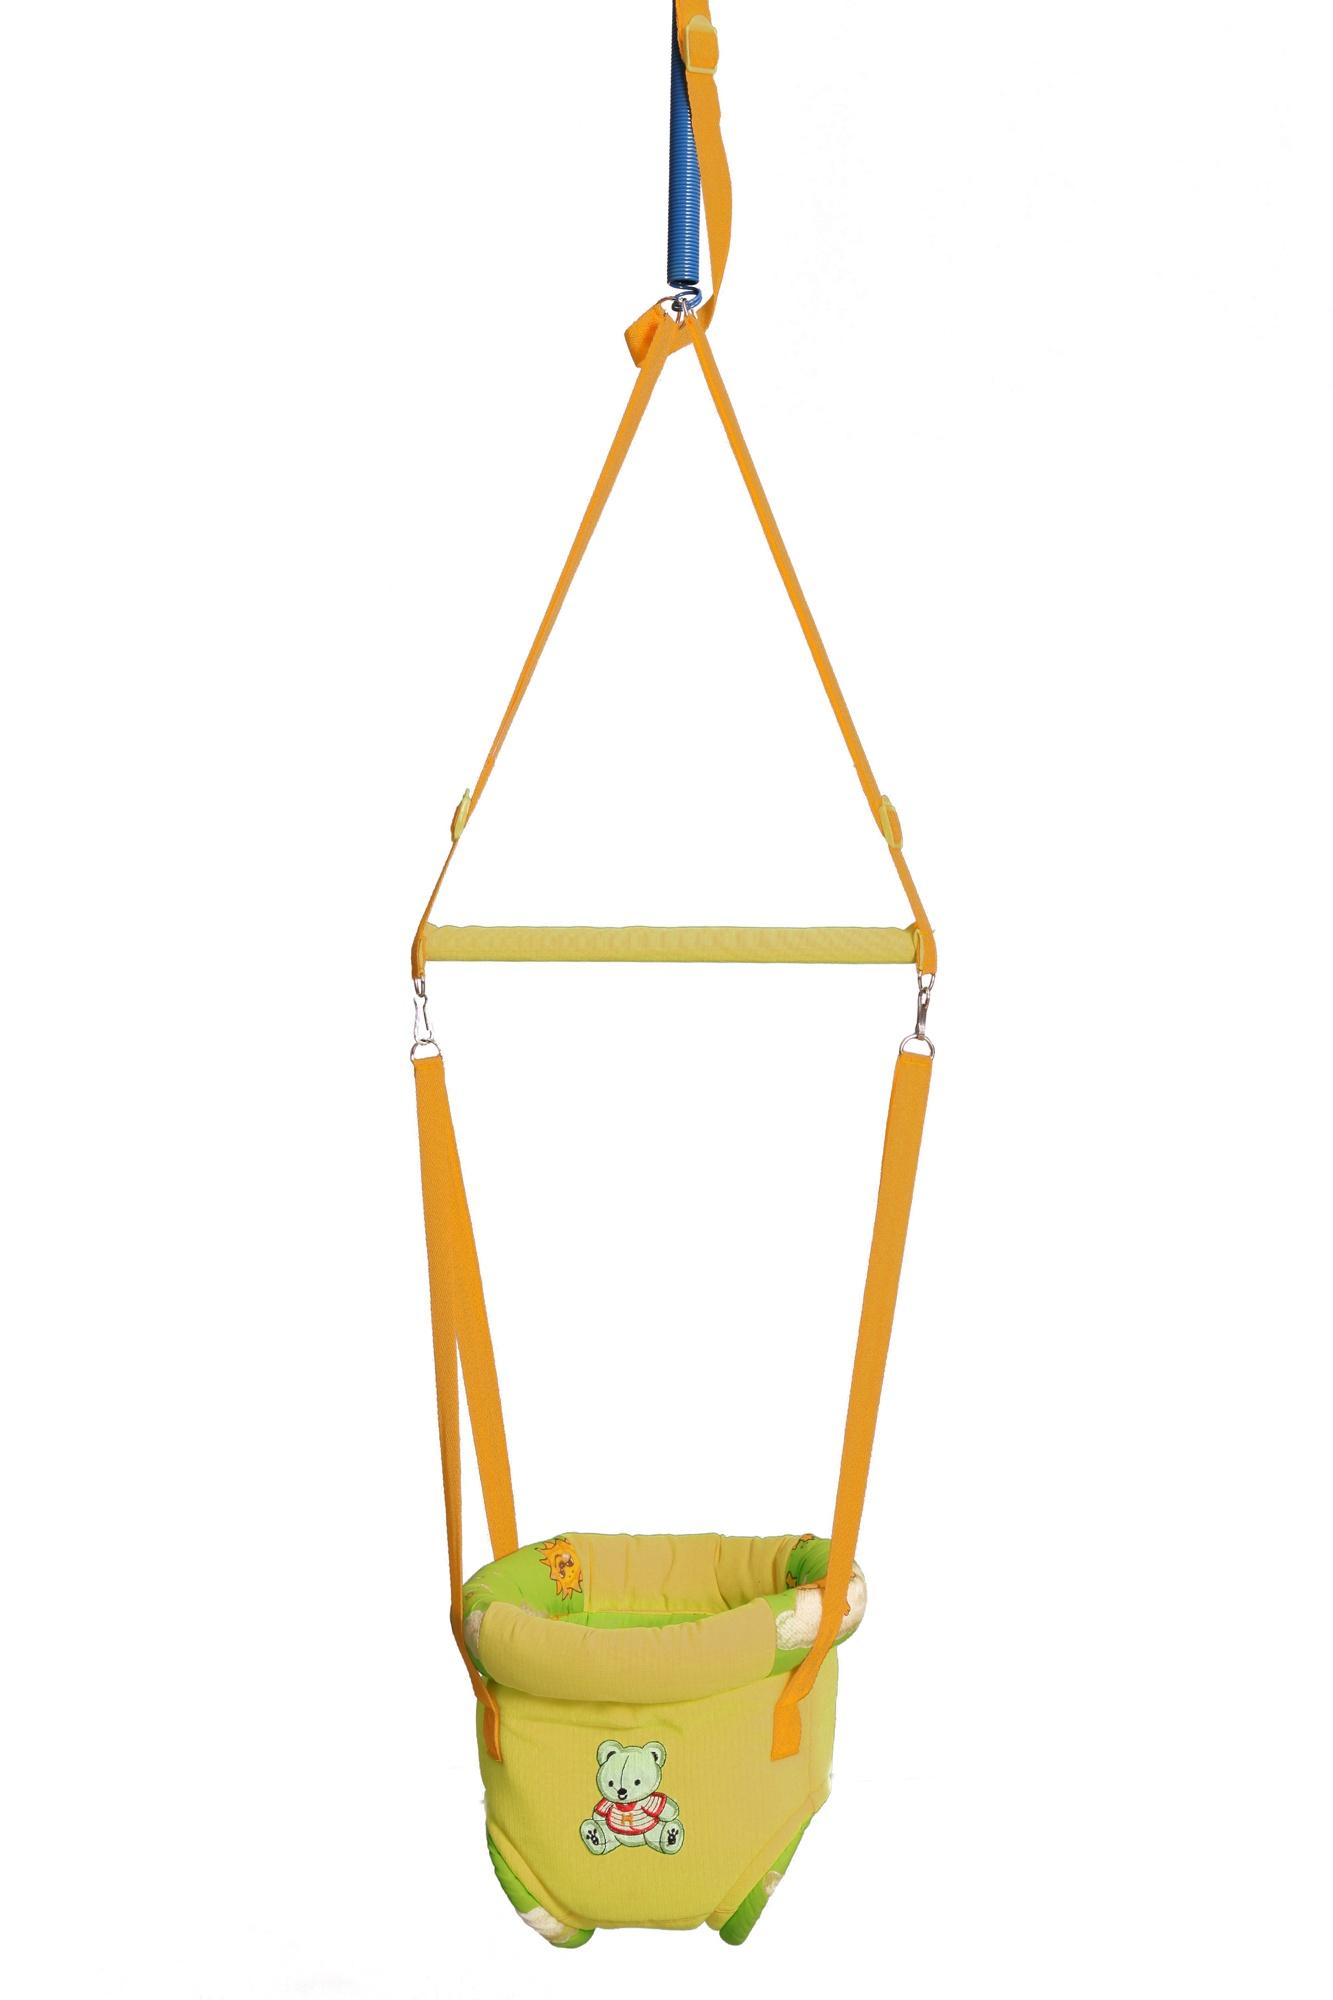 Прыгунки 3 в 1 №4 (прыгунки, качели, тарзанка), цвет желтый